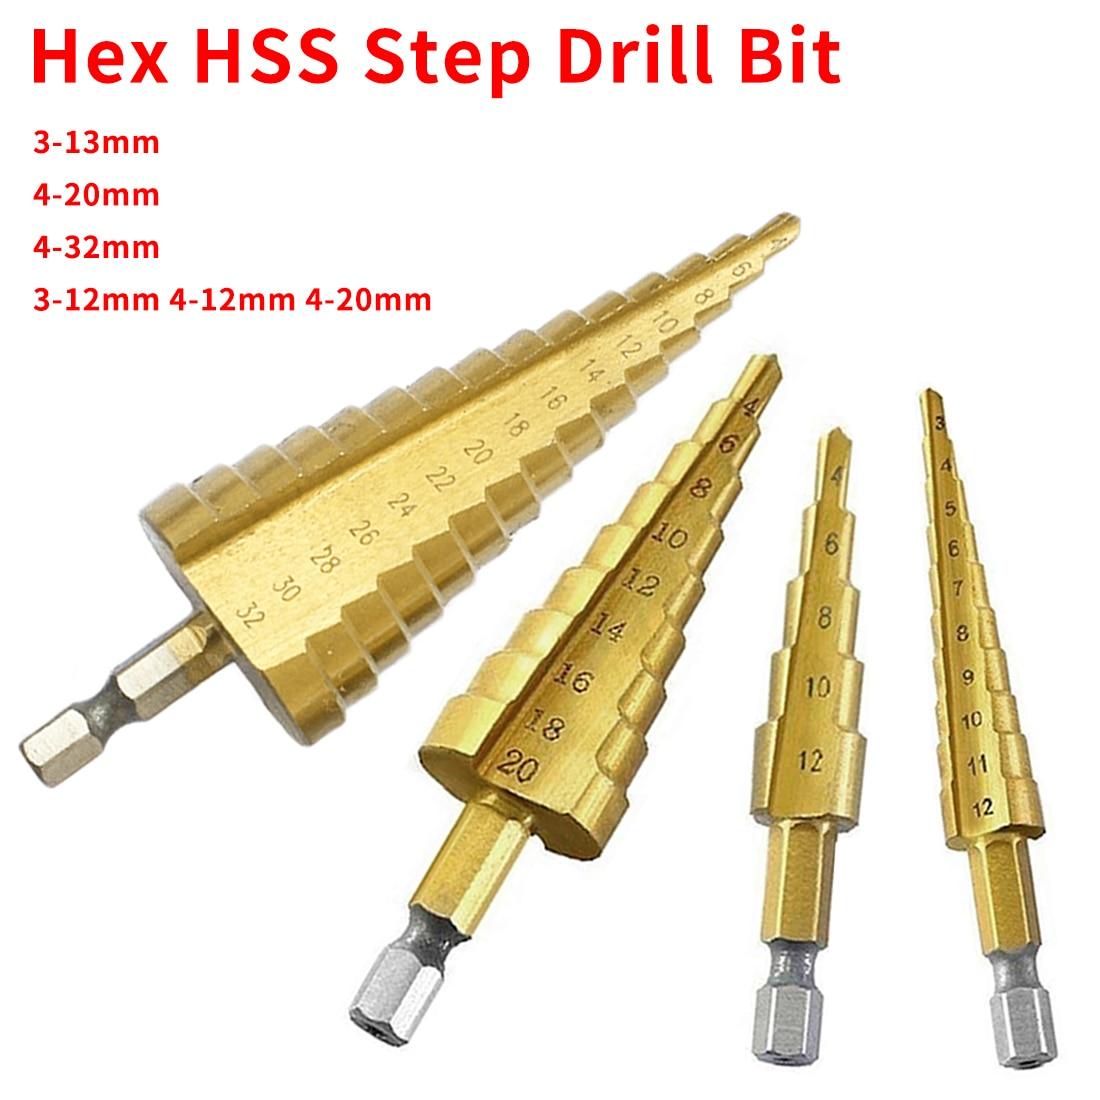 3-13mm /3-12mm 4-12mm 4-20mm HSS Steel Step Drills Bit Tool Hex Shank Coated Metal Drill Bit Cut Tool Set Hole Cutter